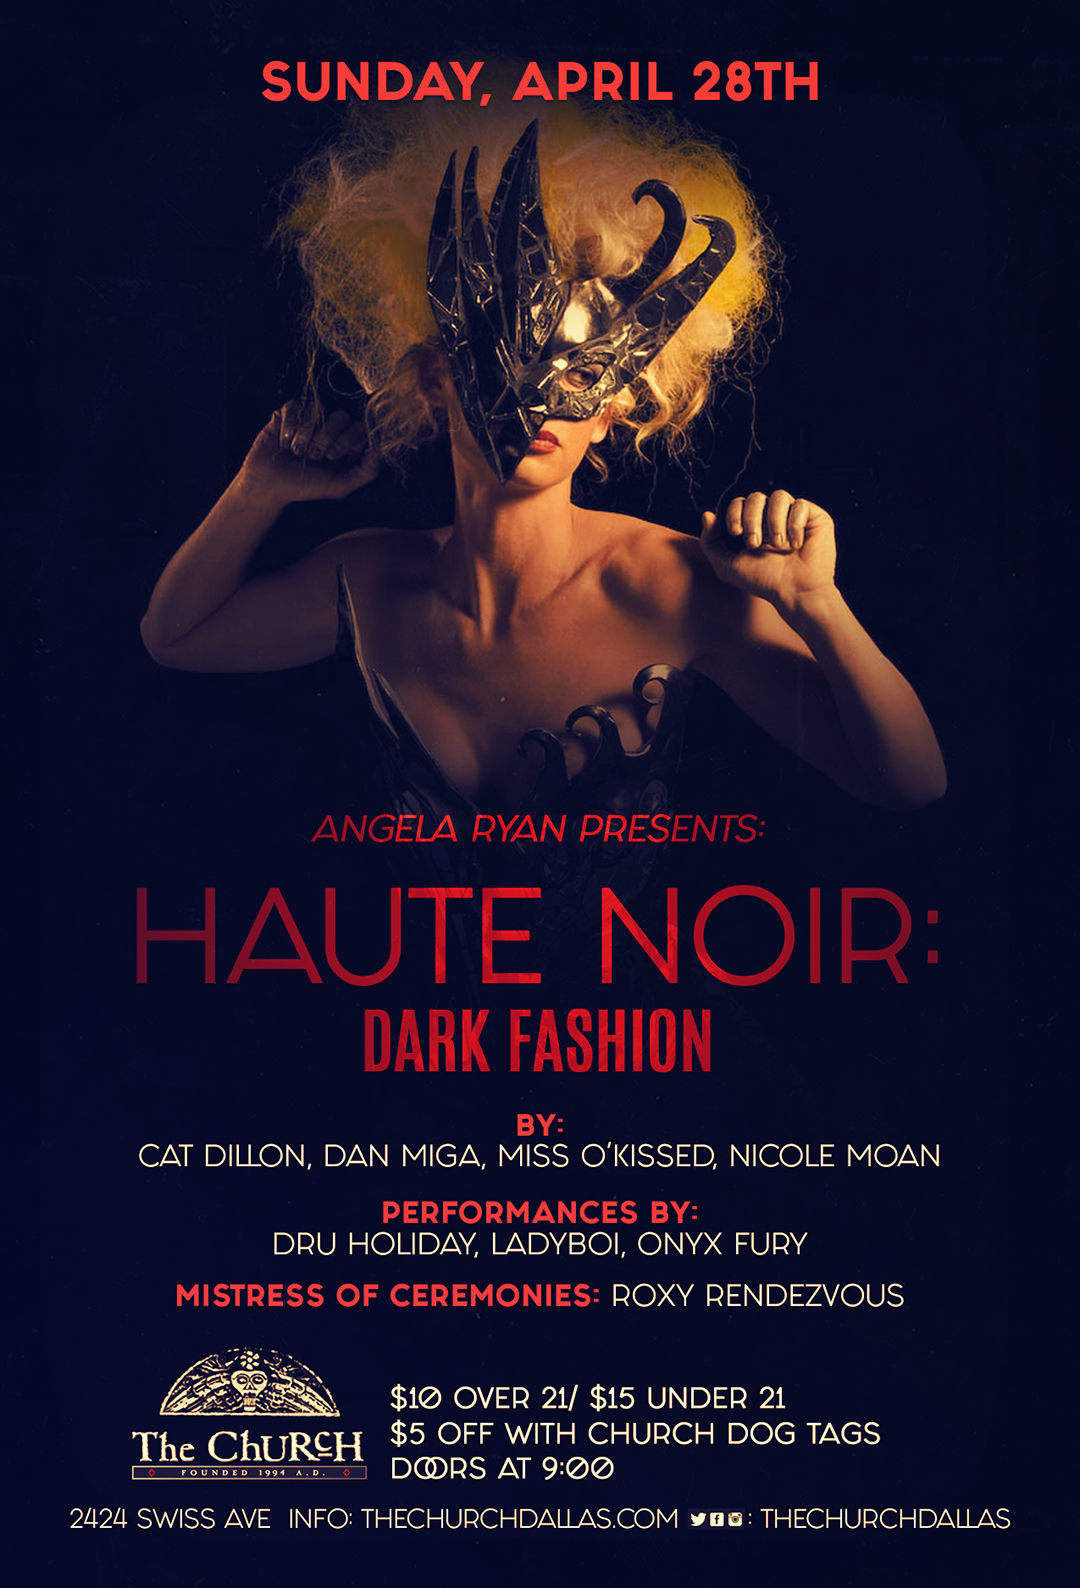 04.28.2019 - The Church: Haute Noir: Dark Fashion